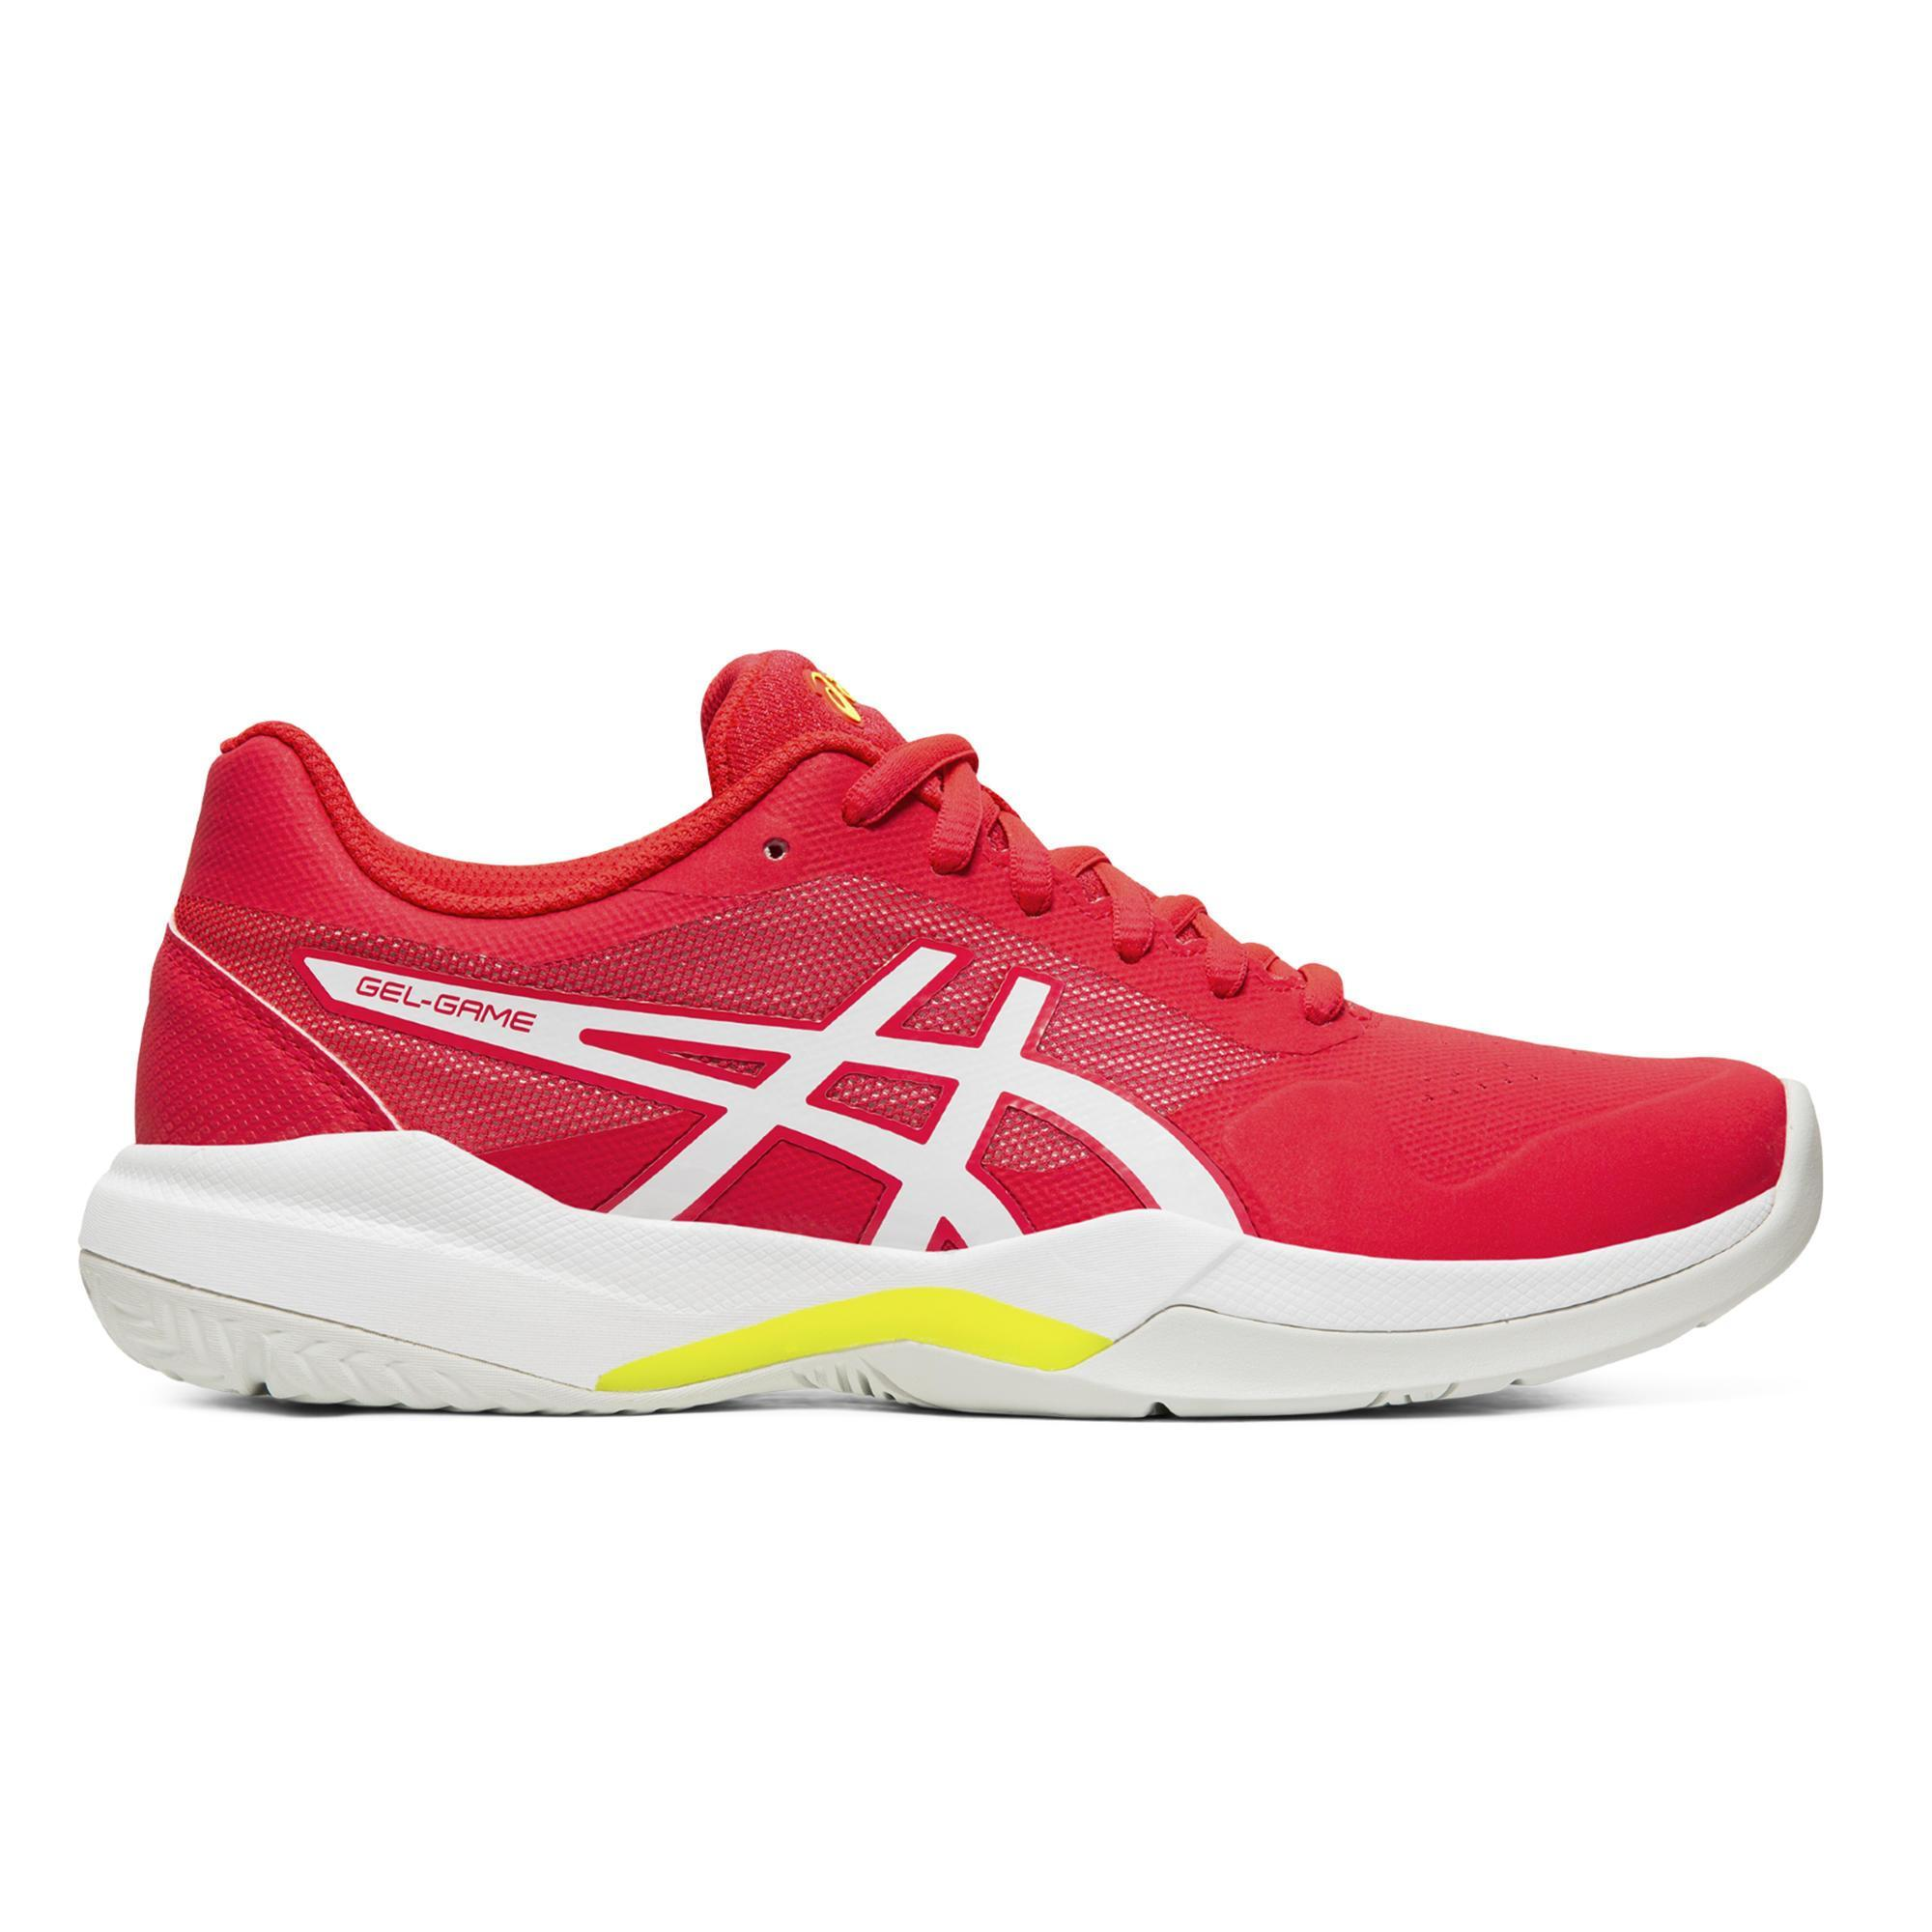 Tennisschuhe Gel Game Damen rosa | Schuhe > Sportschuhe > Tennisschuhe | Asics